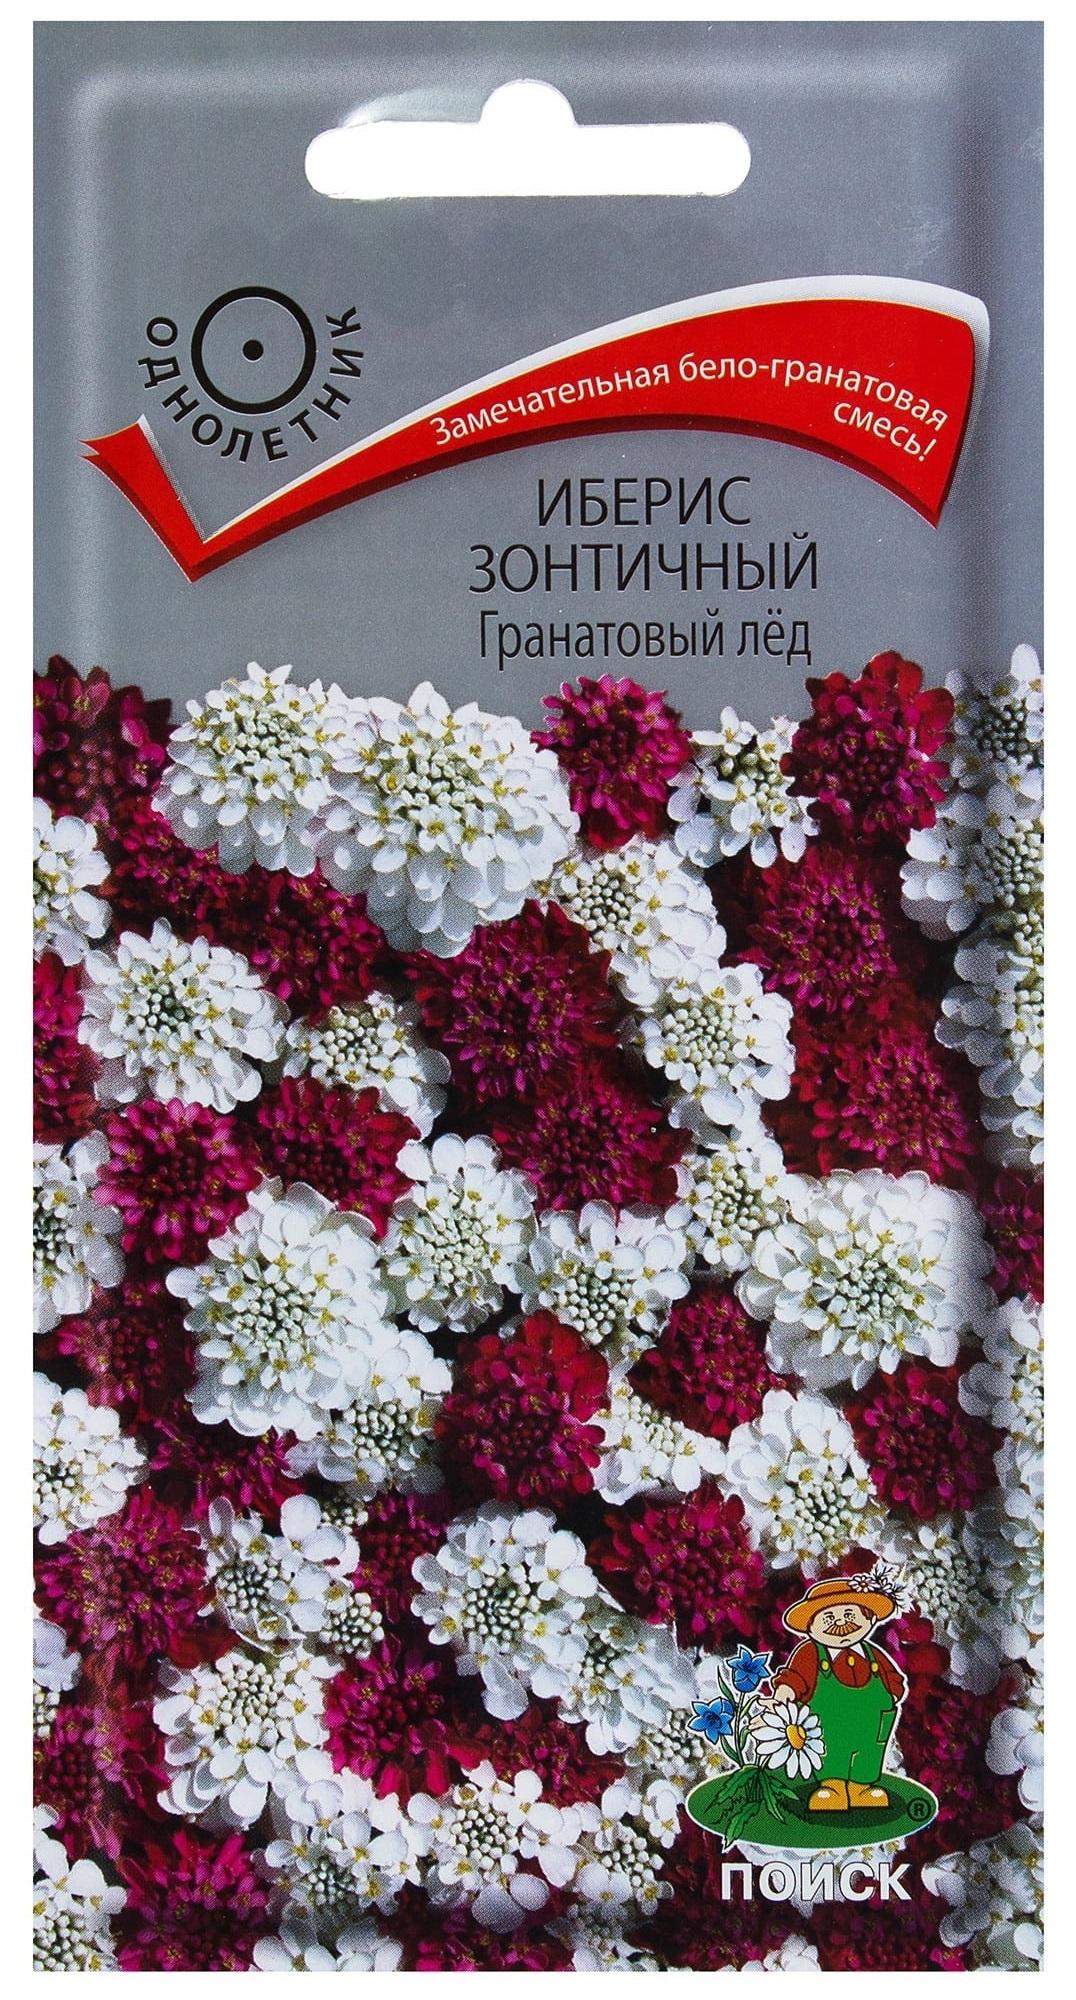 Семена Иберис зонтичный Гранатовый лед, Смесь, 0,1 г Поиск